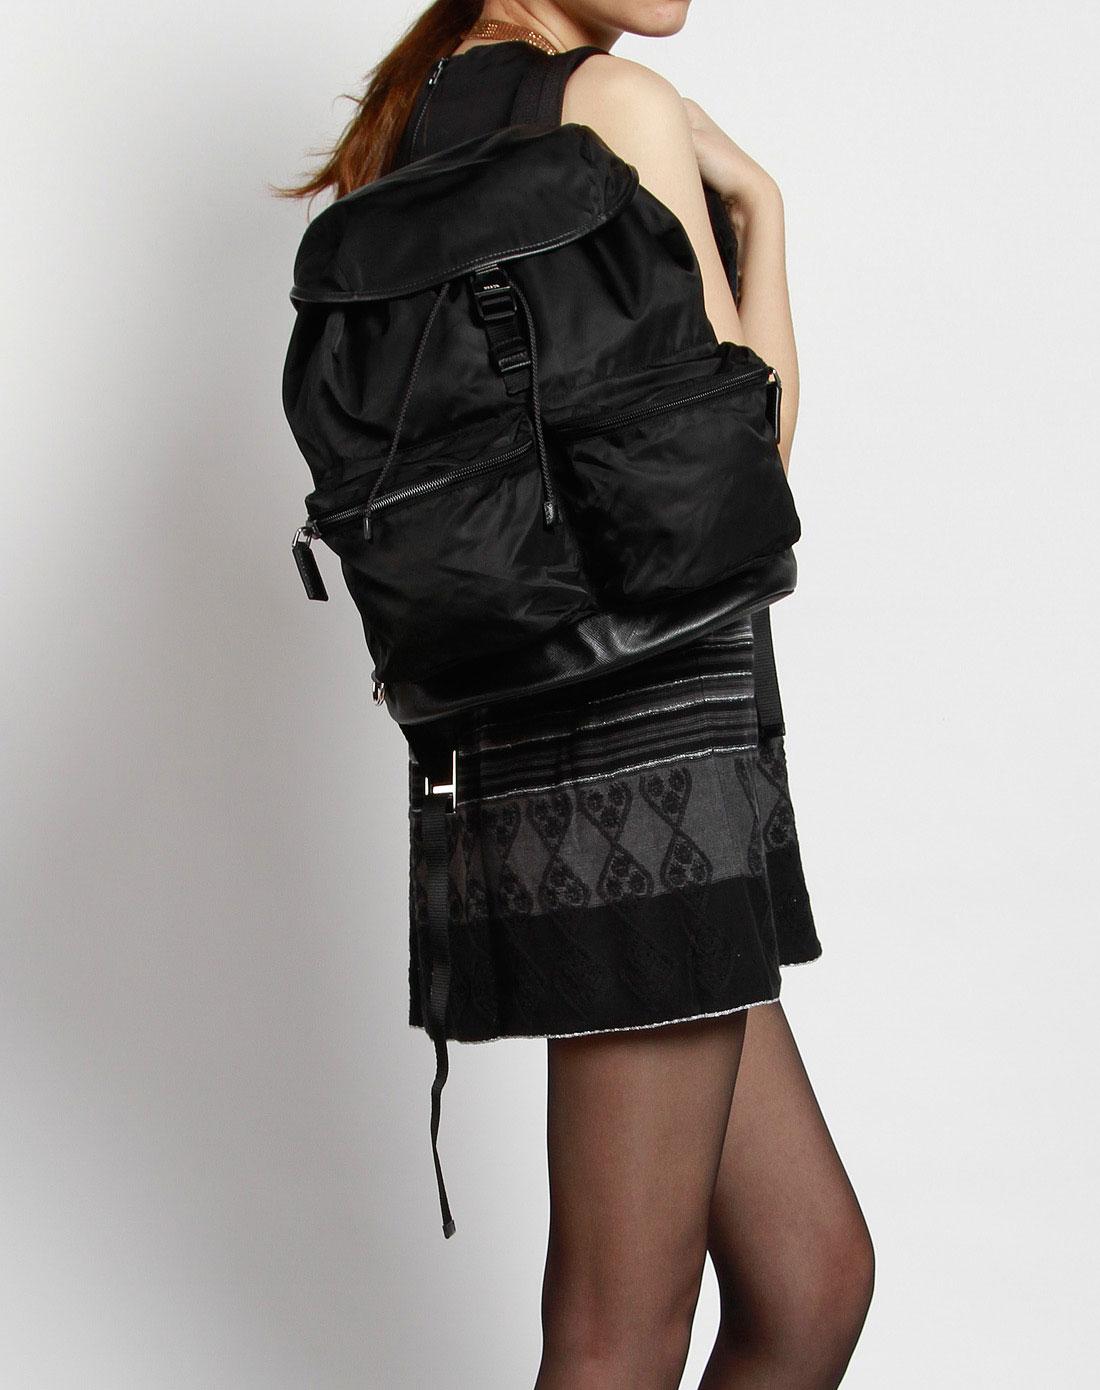 女款黑色时尚双肩包